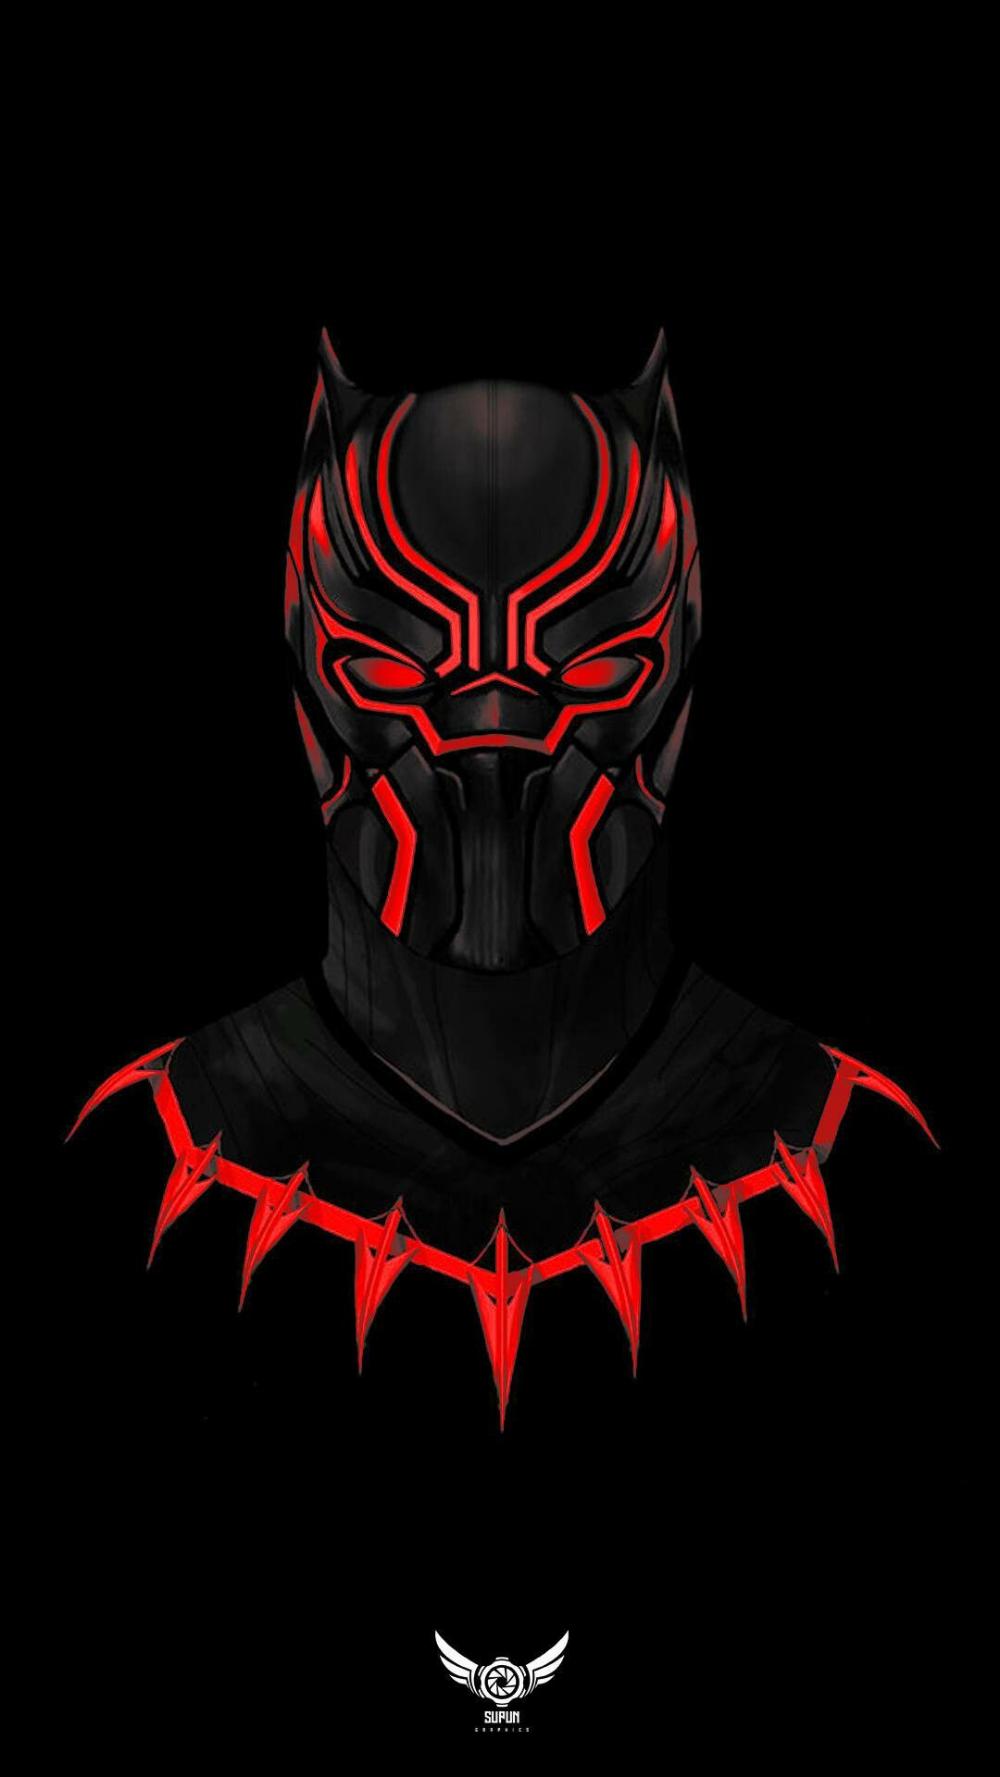 Black Panther wallpaper red Imageantra Black panther